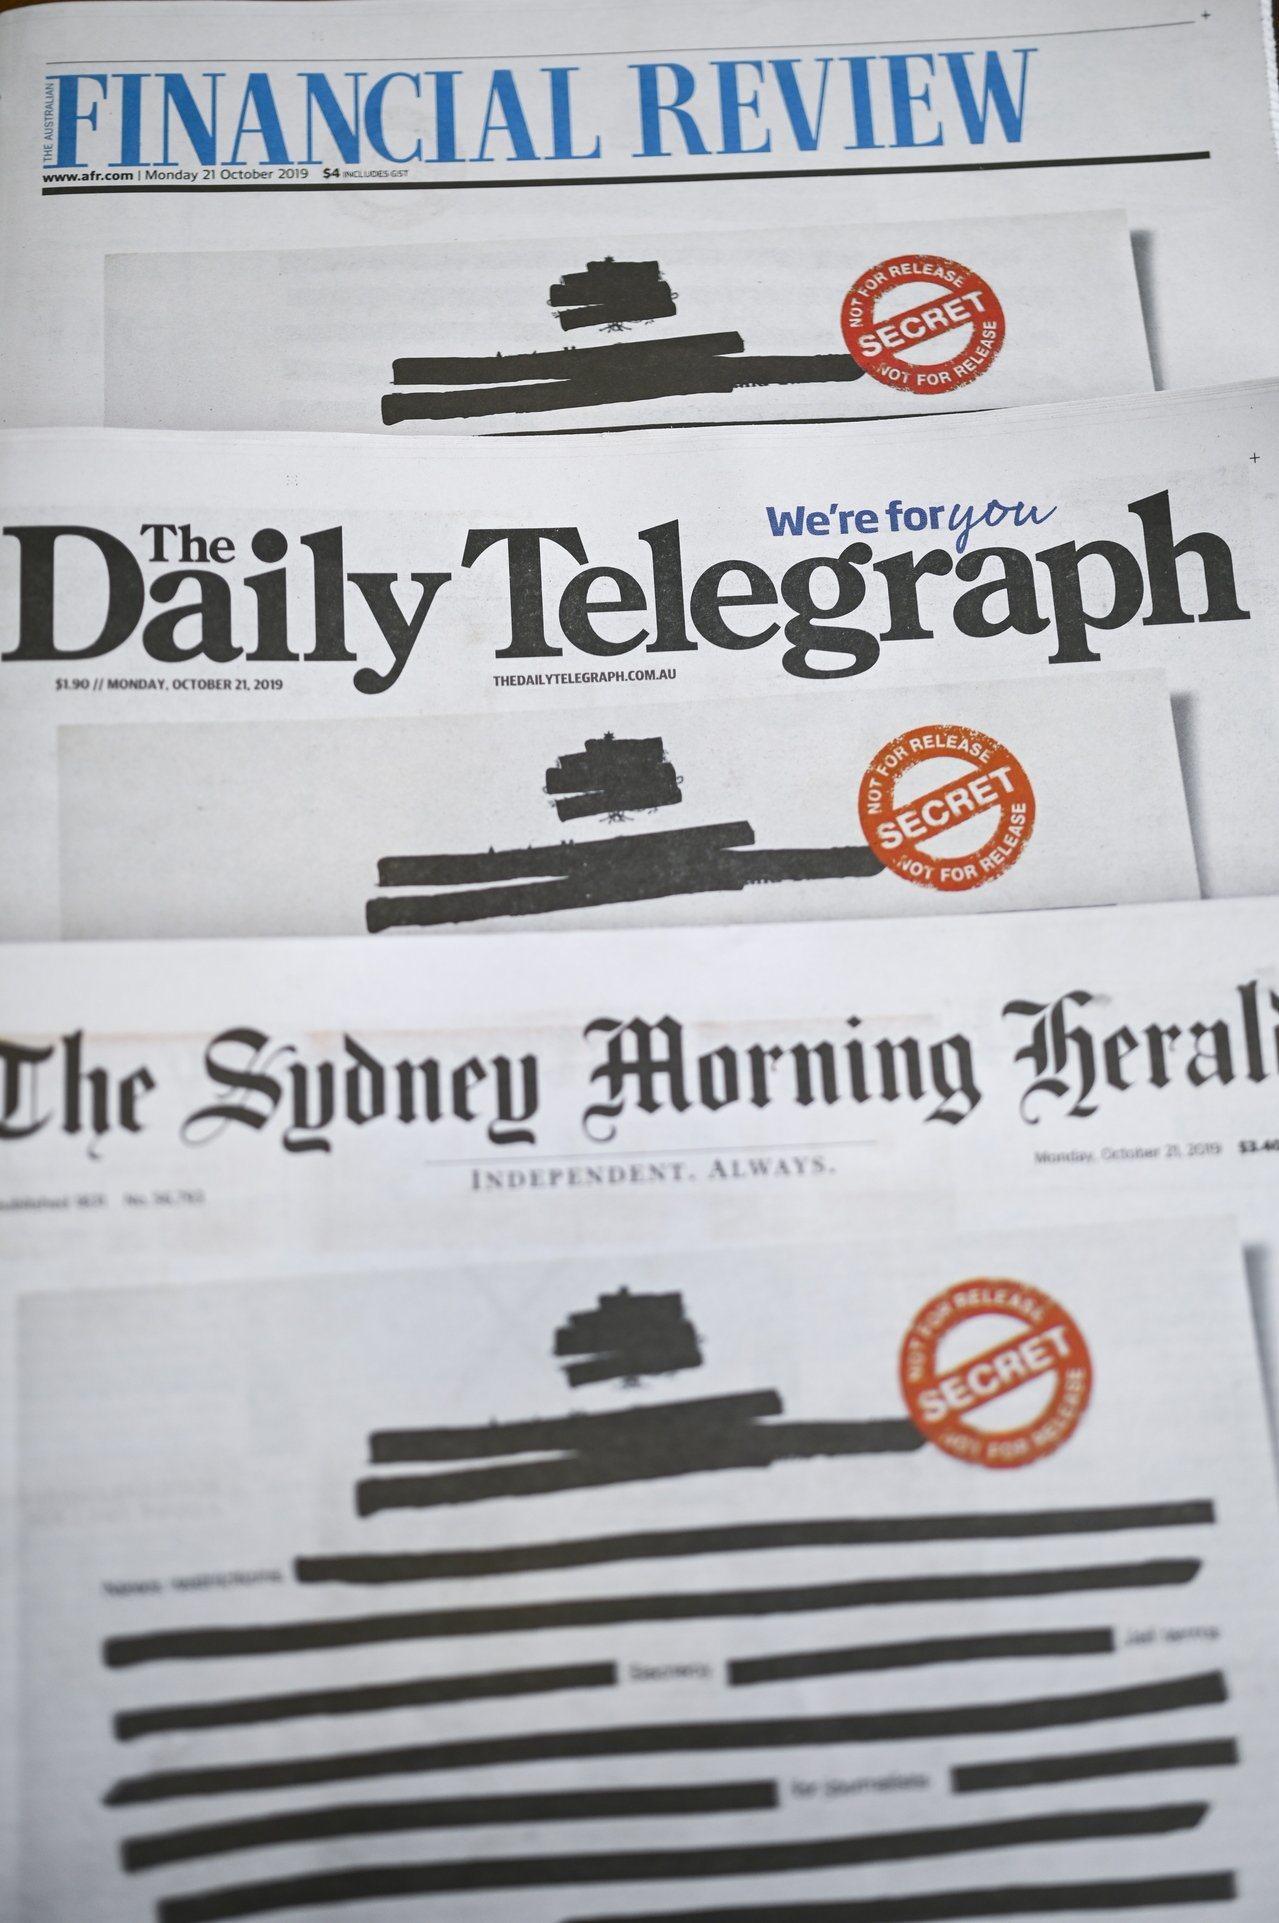 澳洲各主要報紙今天都把頭版文字塗黑遮去訊息,抗議政府限制新聞自由。 歐新社